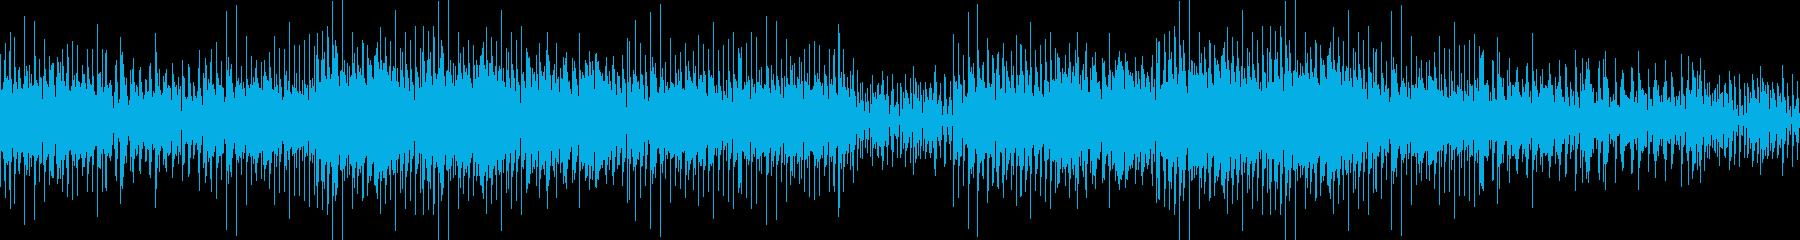 ちょっぴり切なく楽しいDTMの再生済みの波形